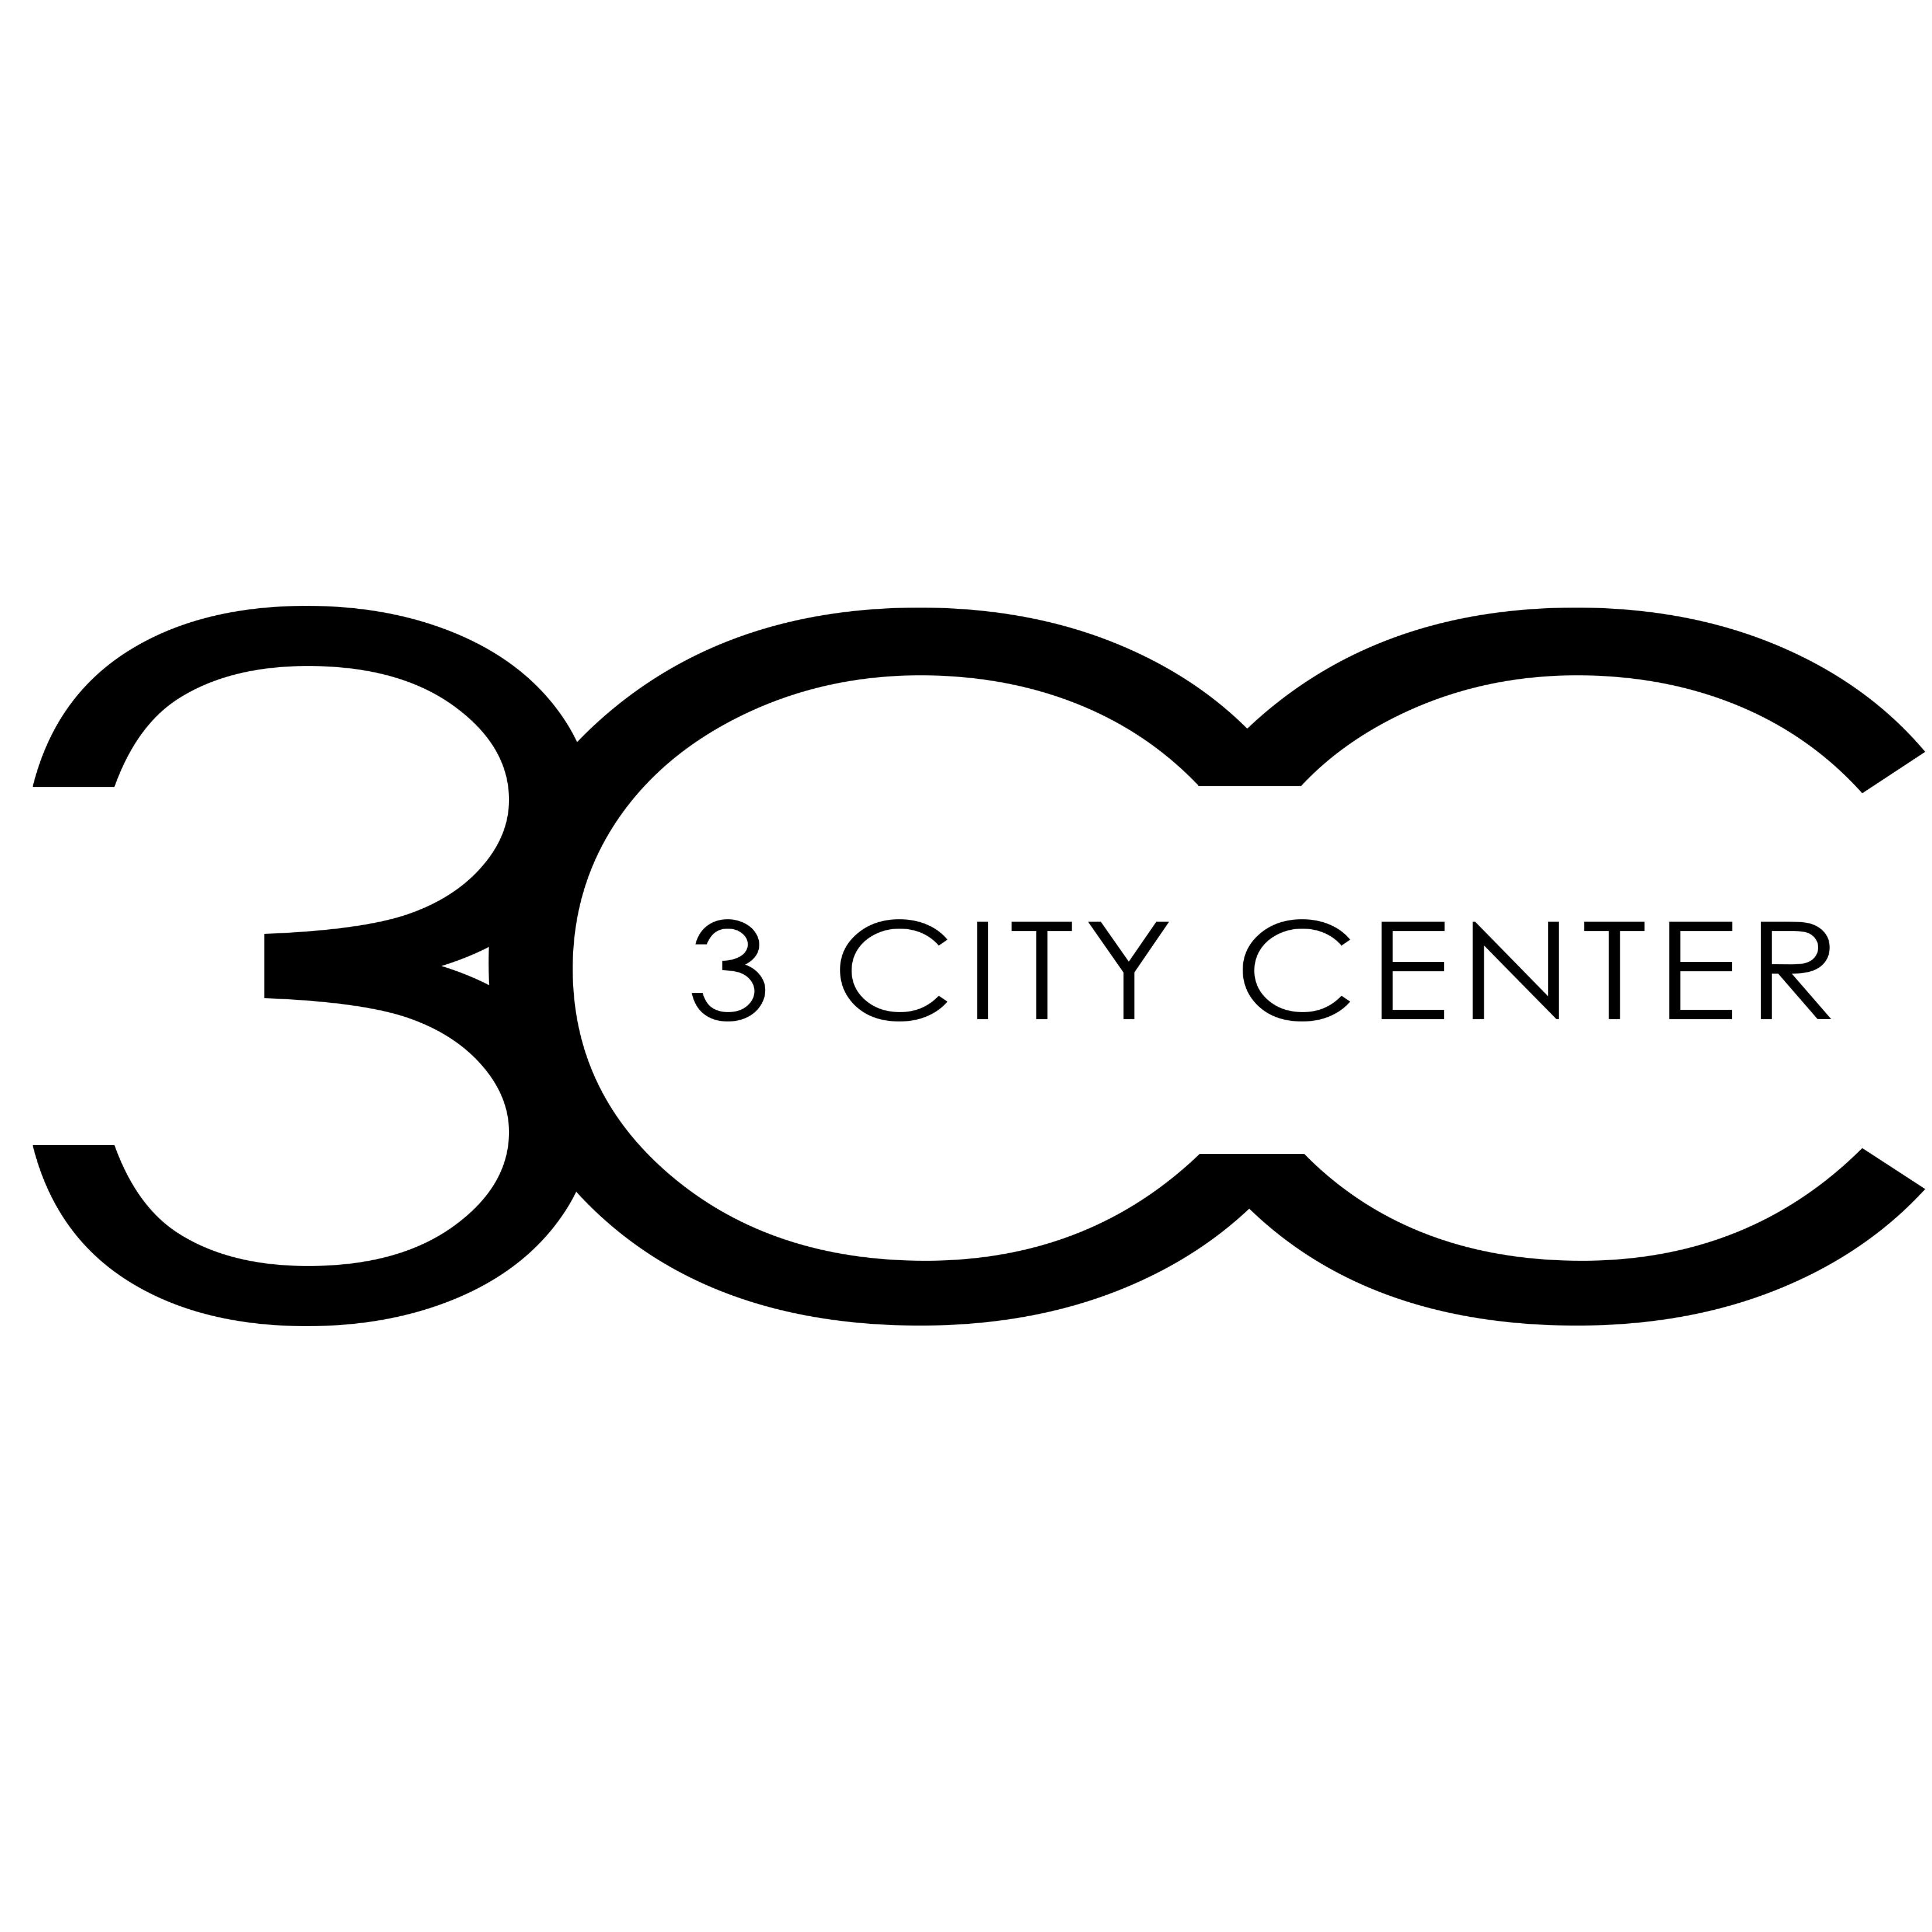 3 City Center